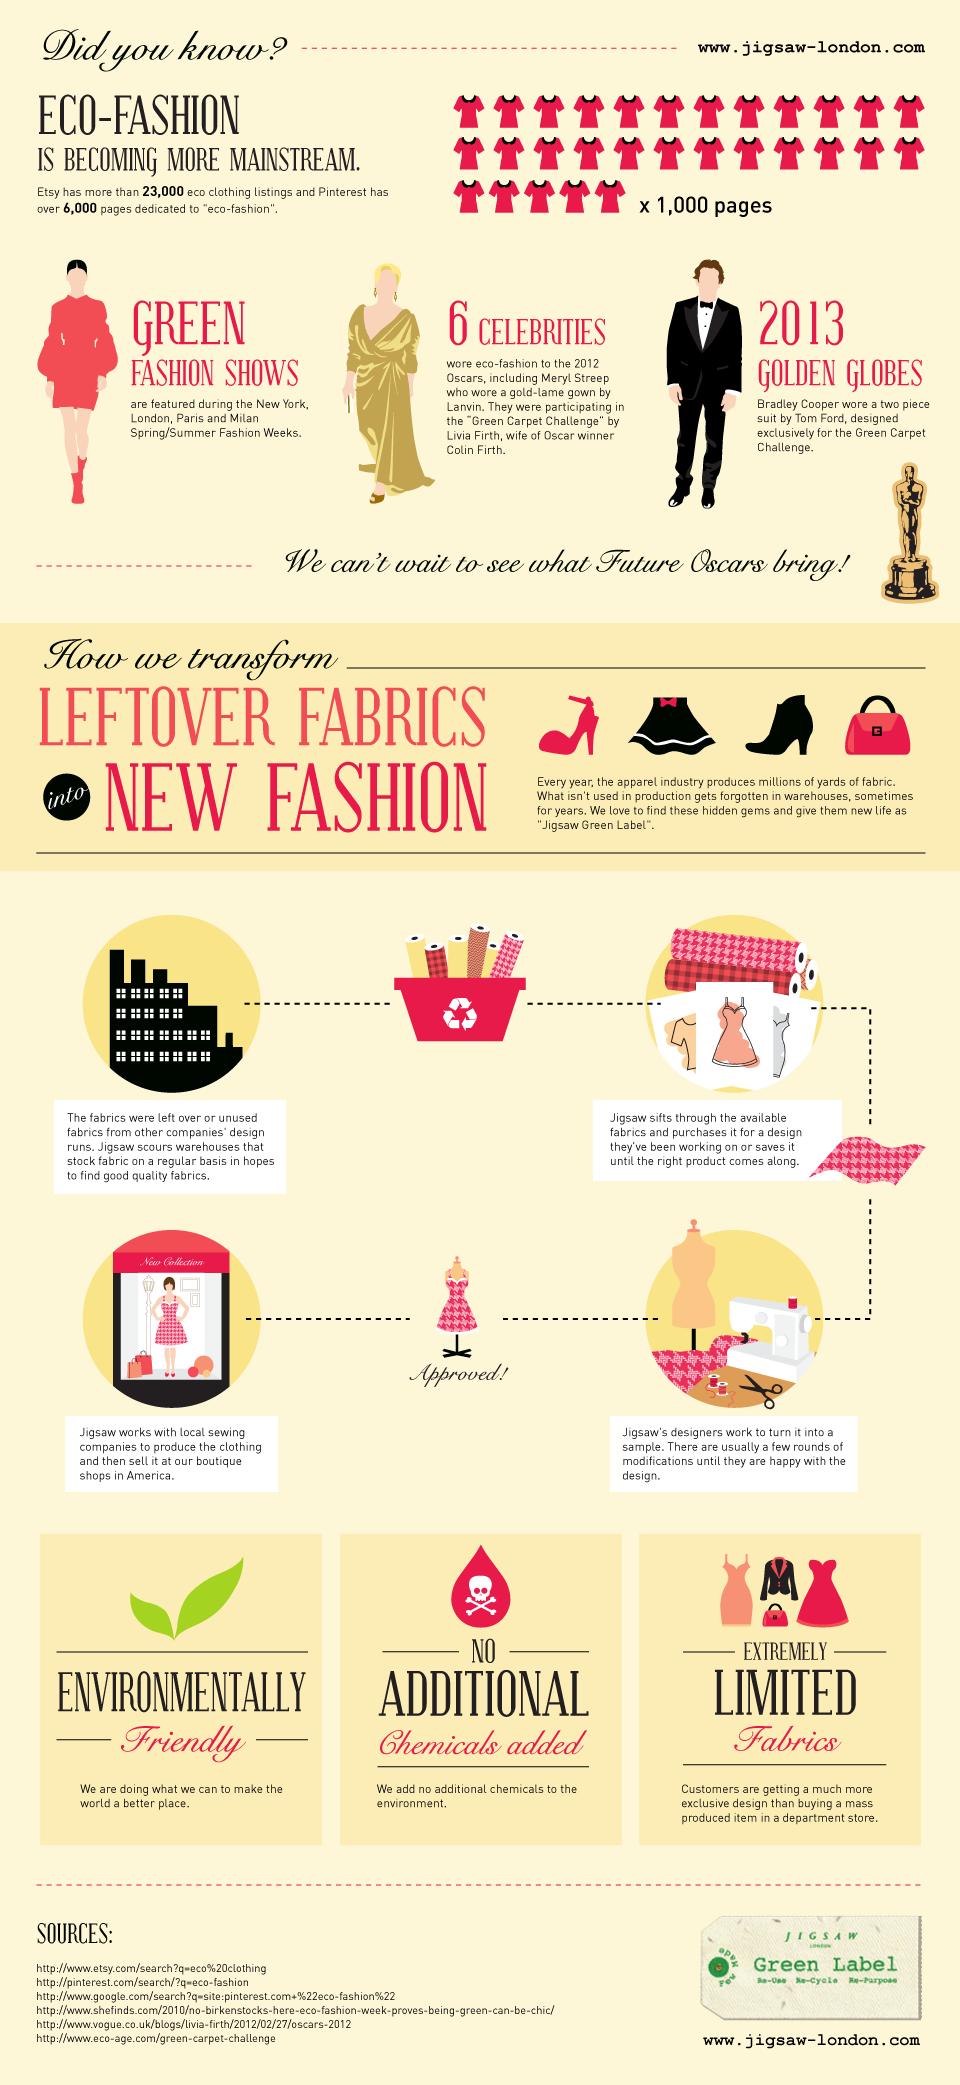 19. Eco Fashion is turning Mainstream